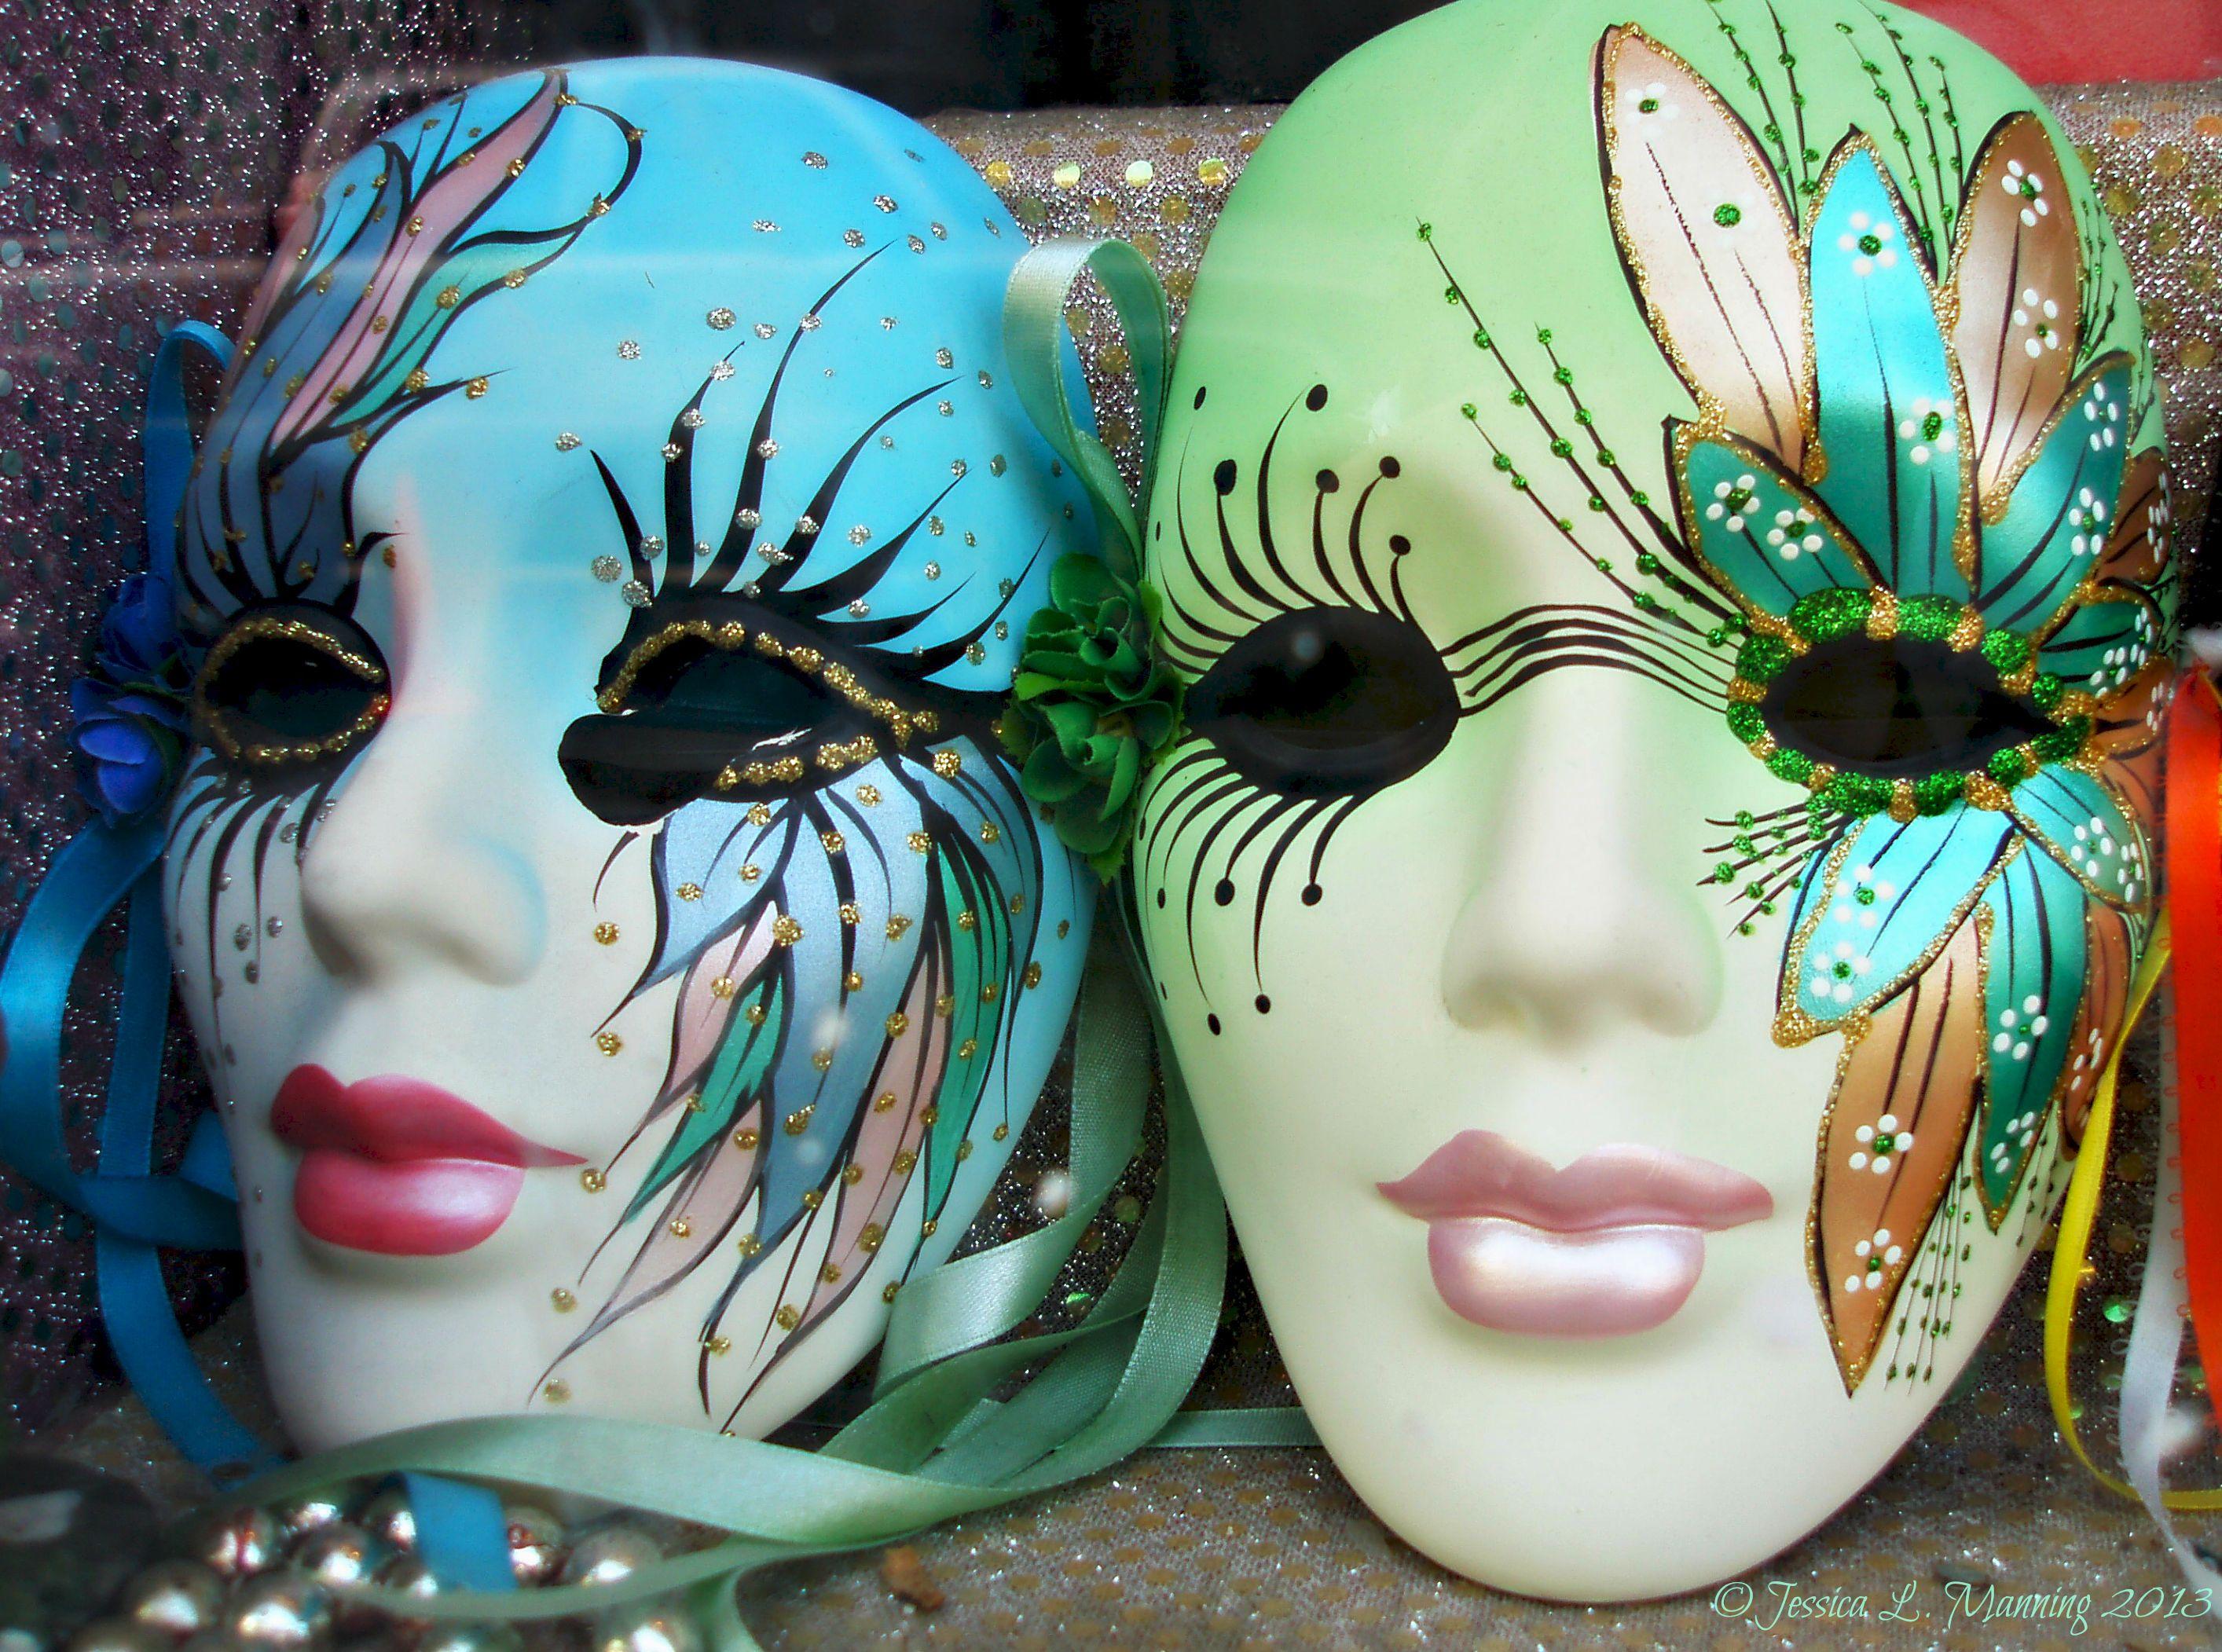 colorful mardi gras masks in new orleans la masks in 2019 mask rh pinterest com mask design ideas diy face mask design ideas